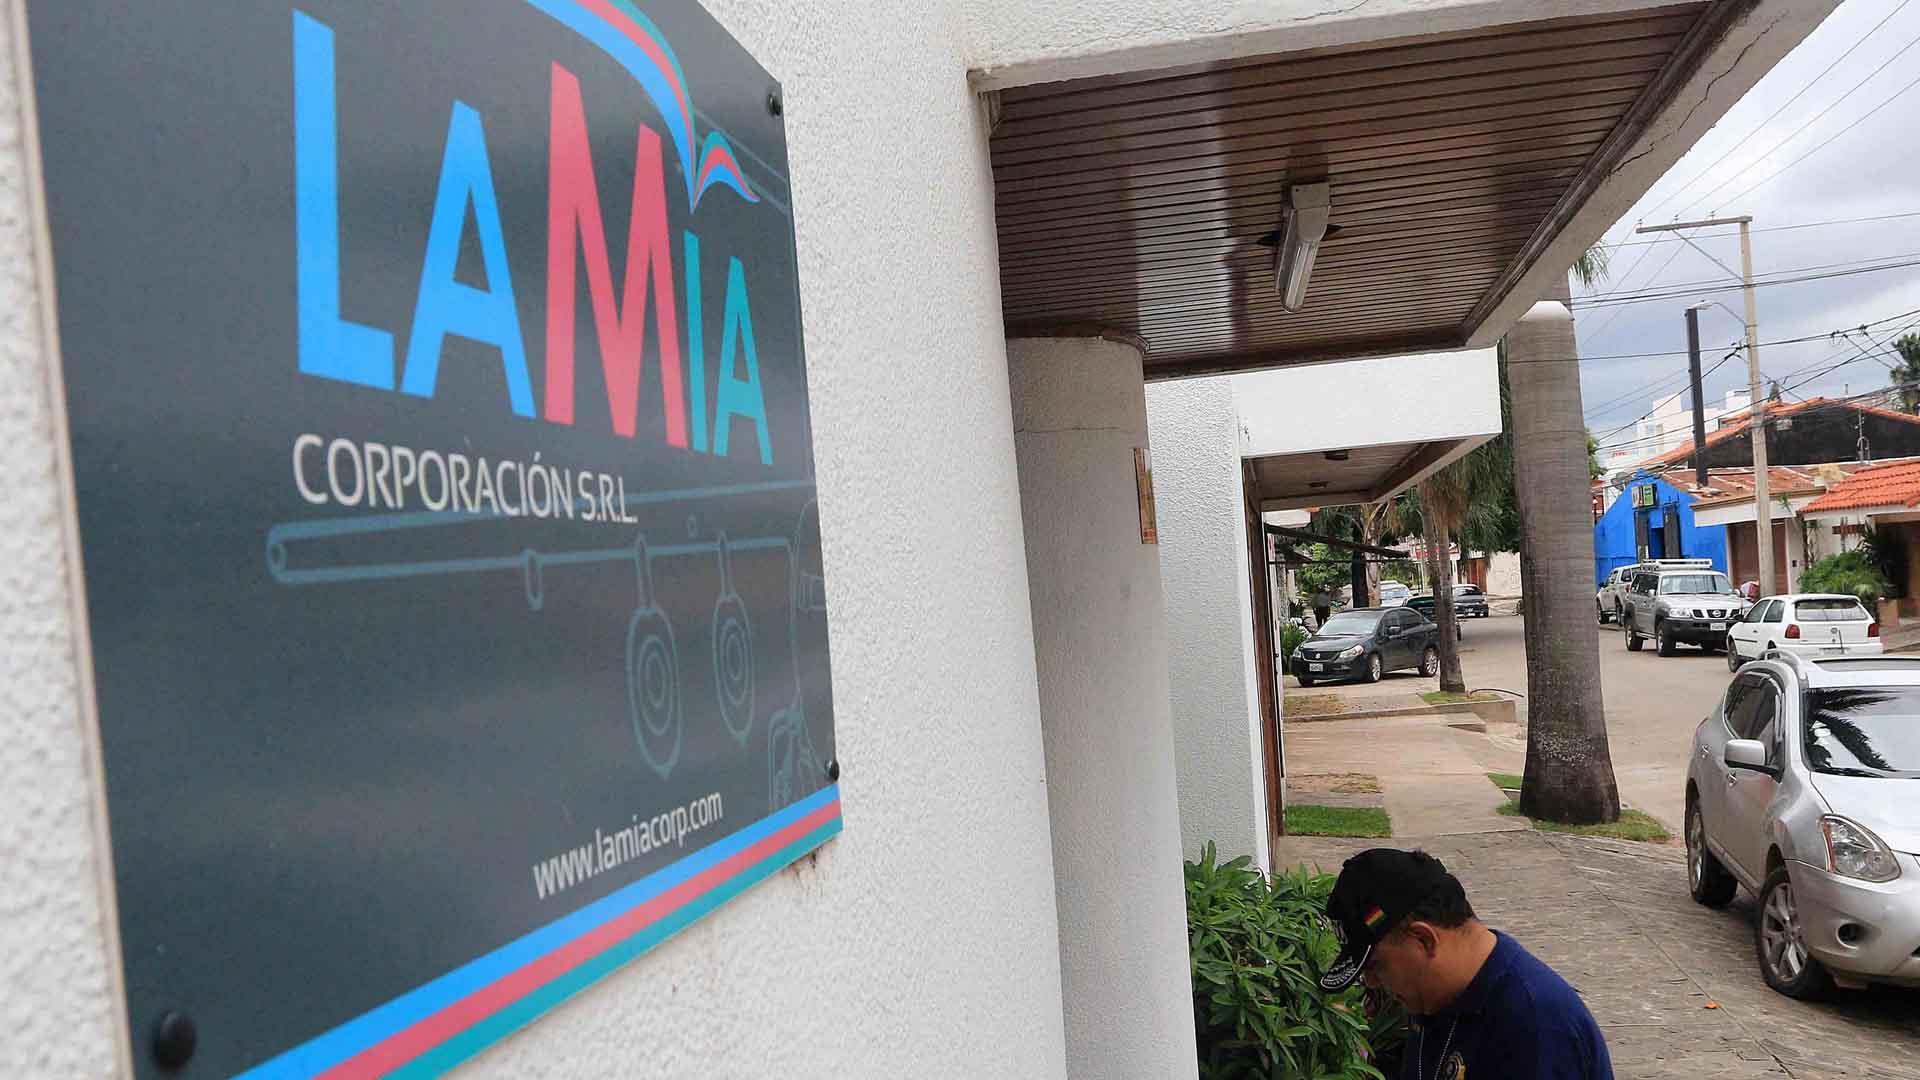 Bolivia, Brasil y Colombia compartirán información sobre el accidente que arrebató la vida a 71 personas el pasado 28 de noviembre